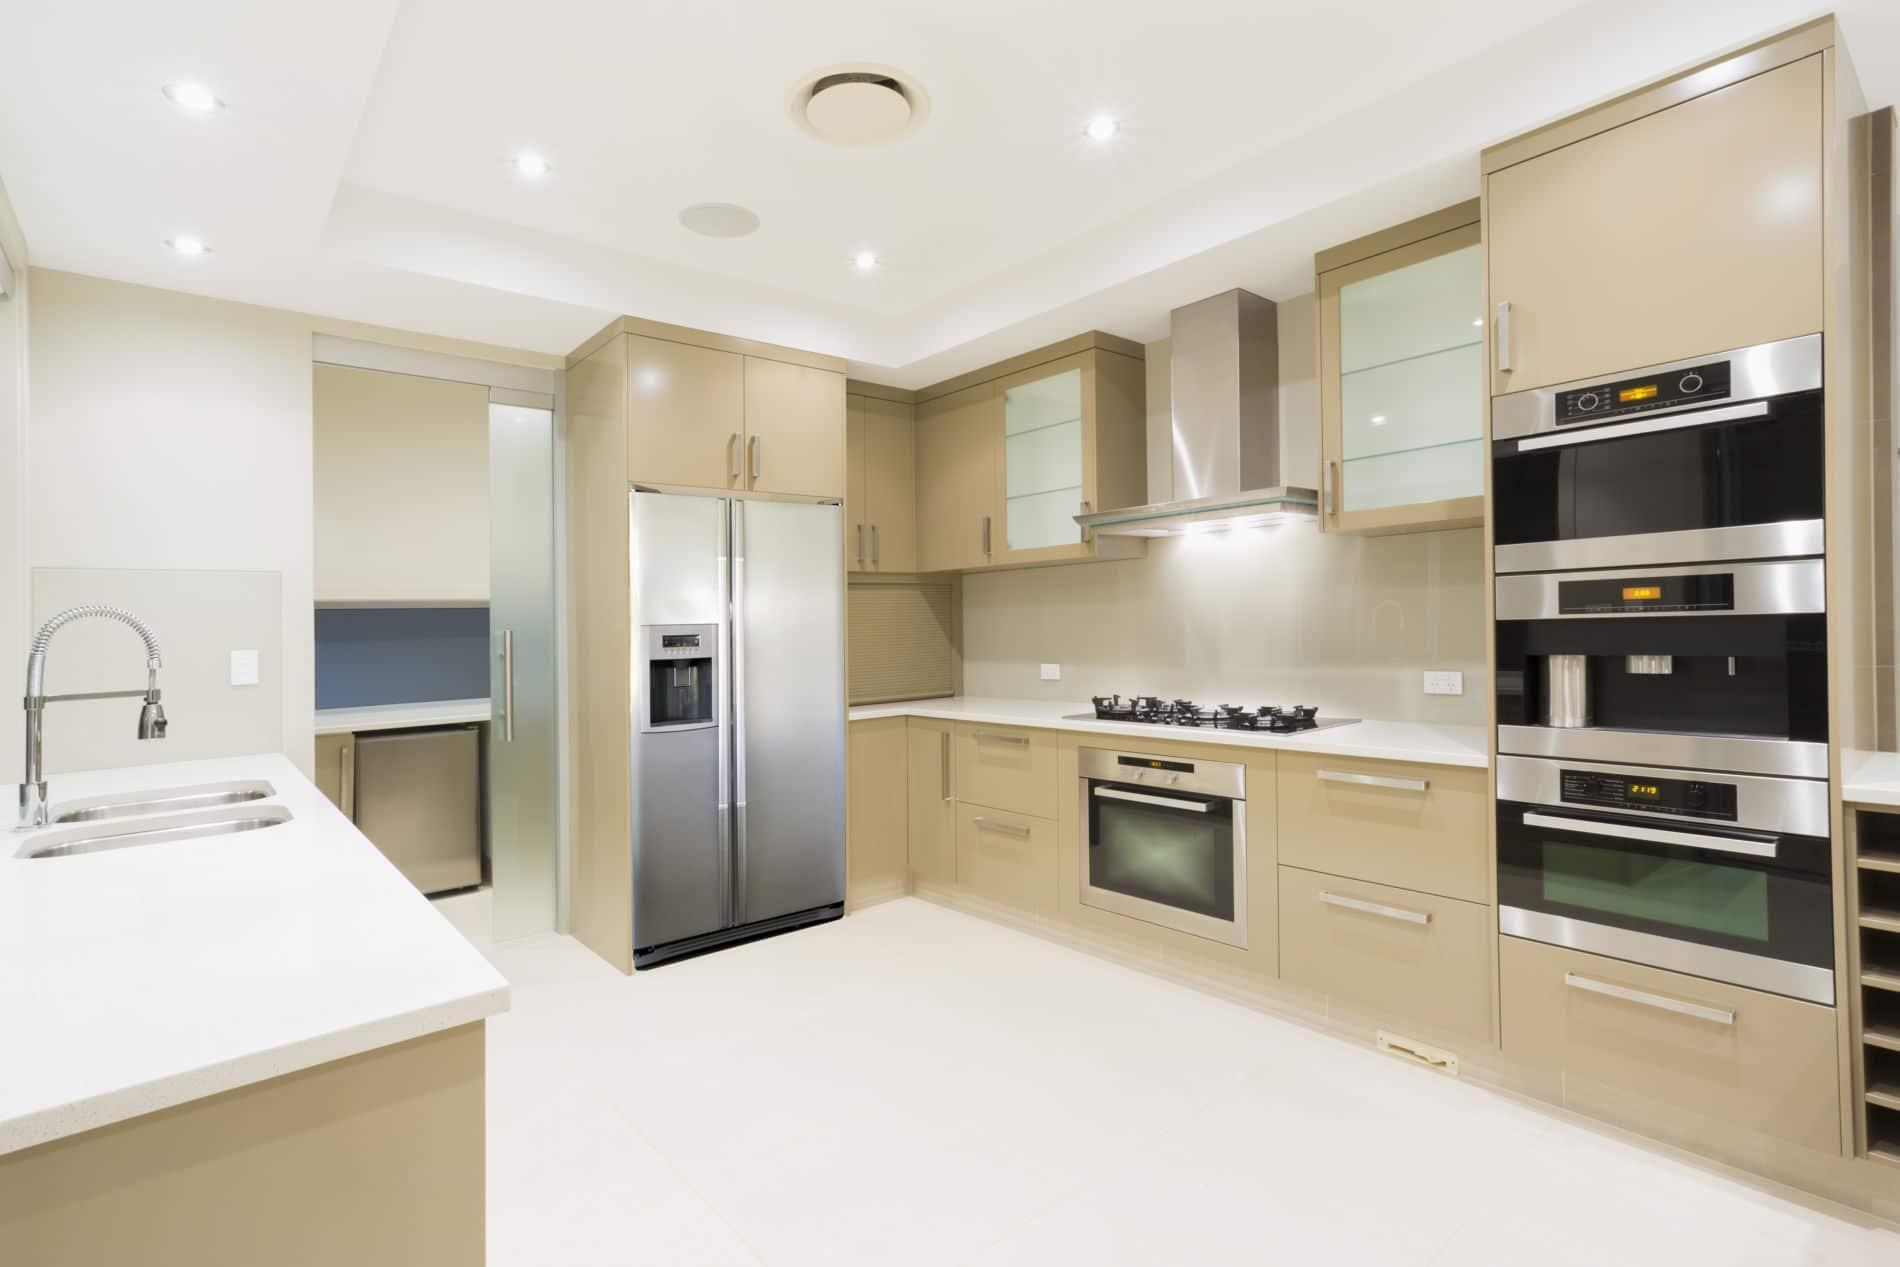 מטבח קרמל - מטבח בעיצוב בודרני